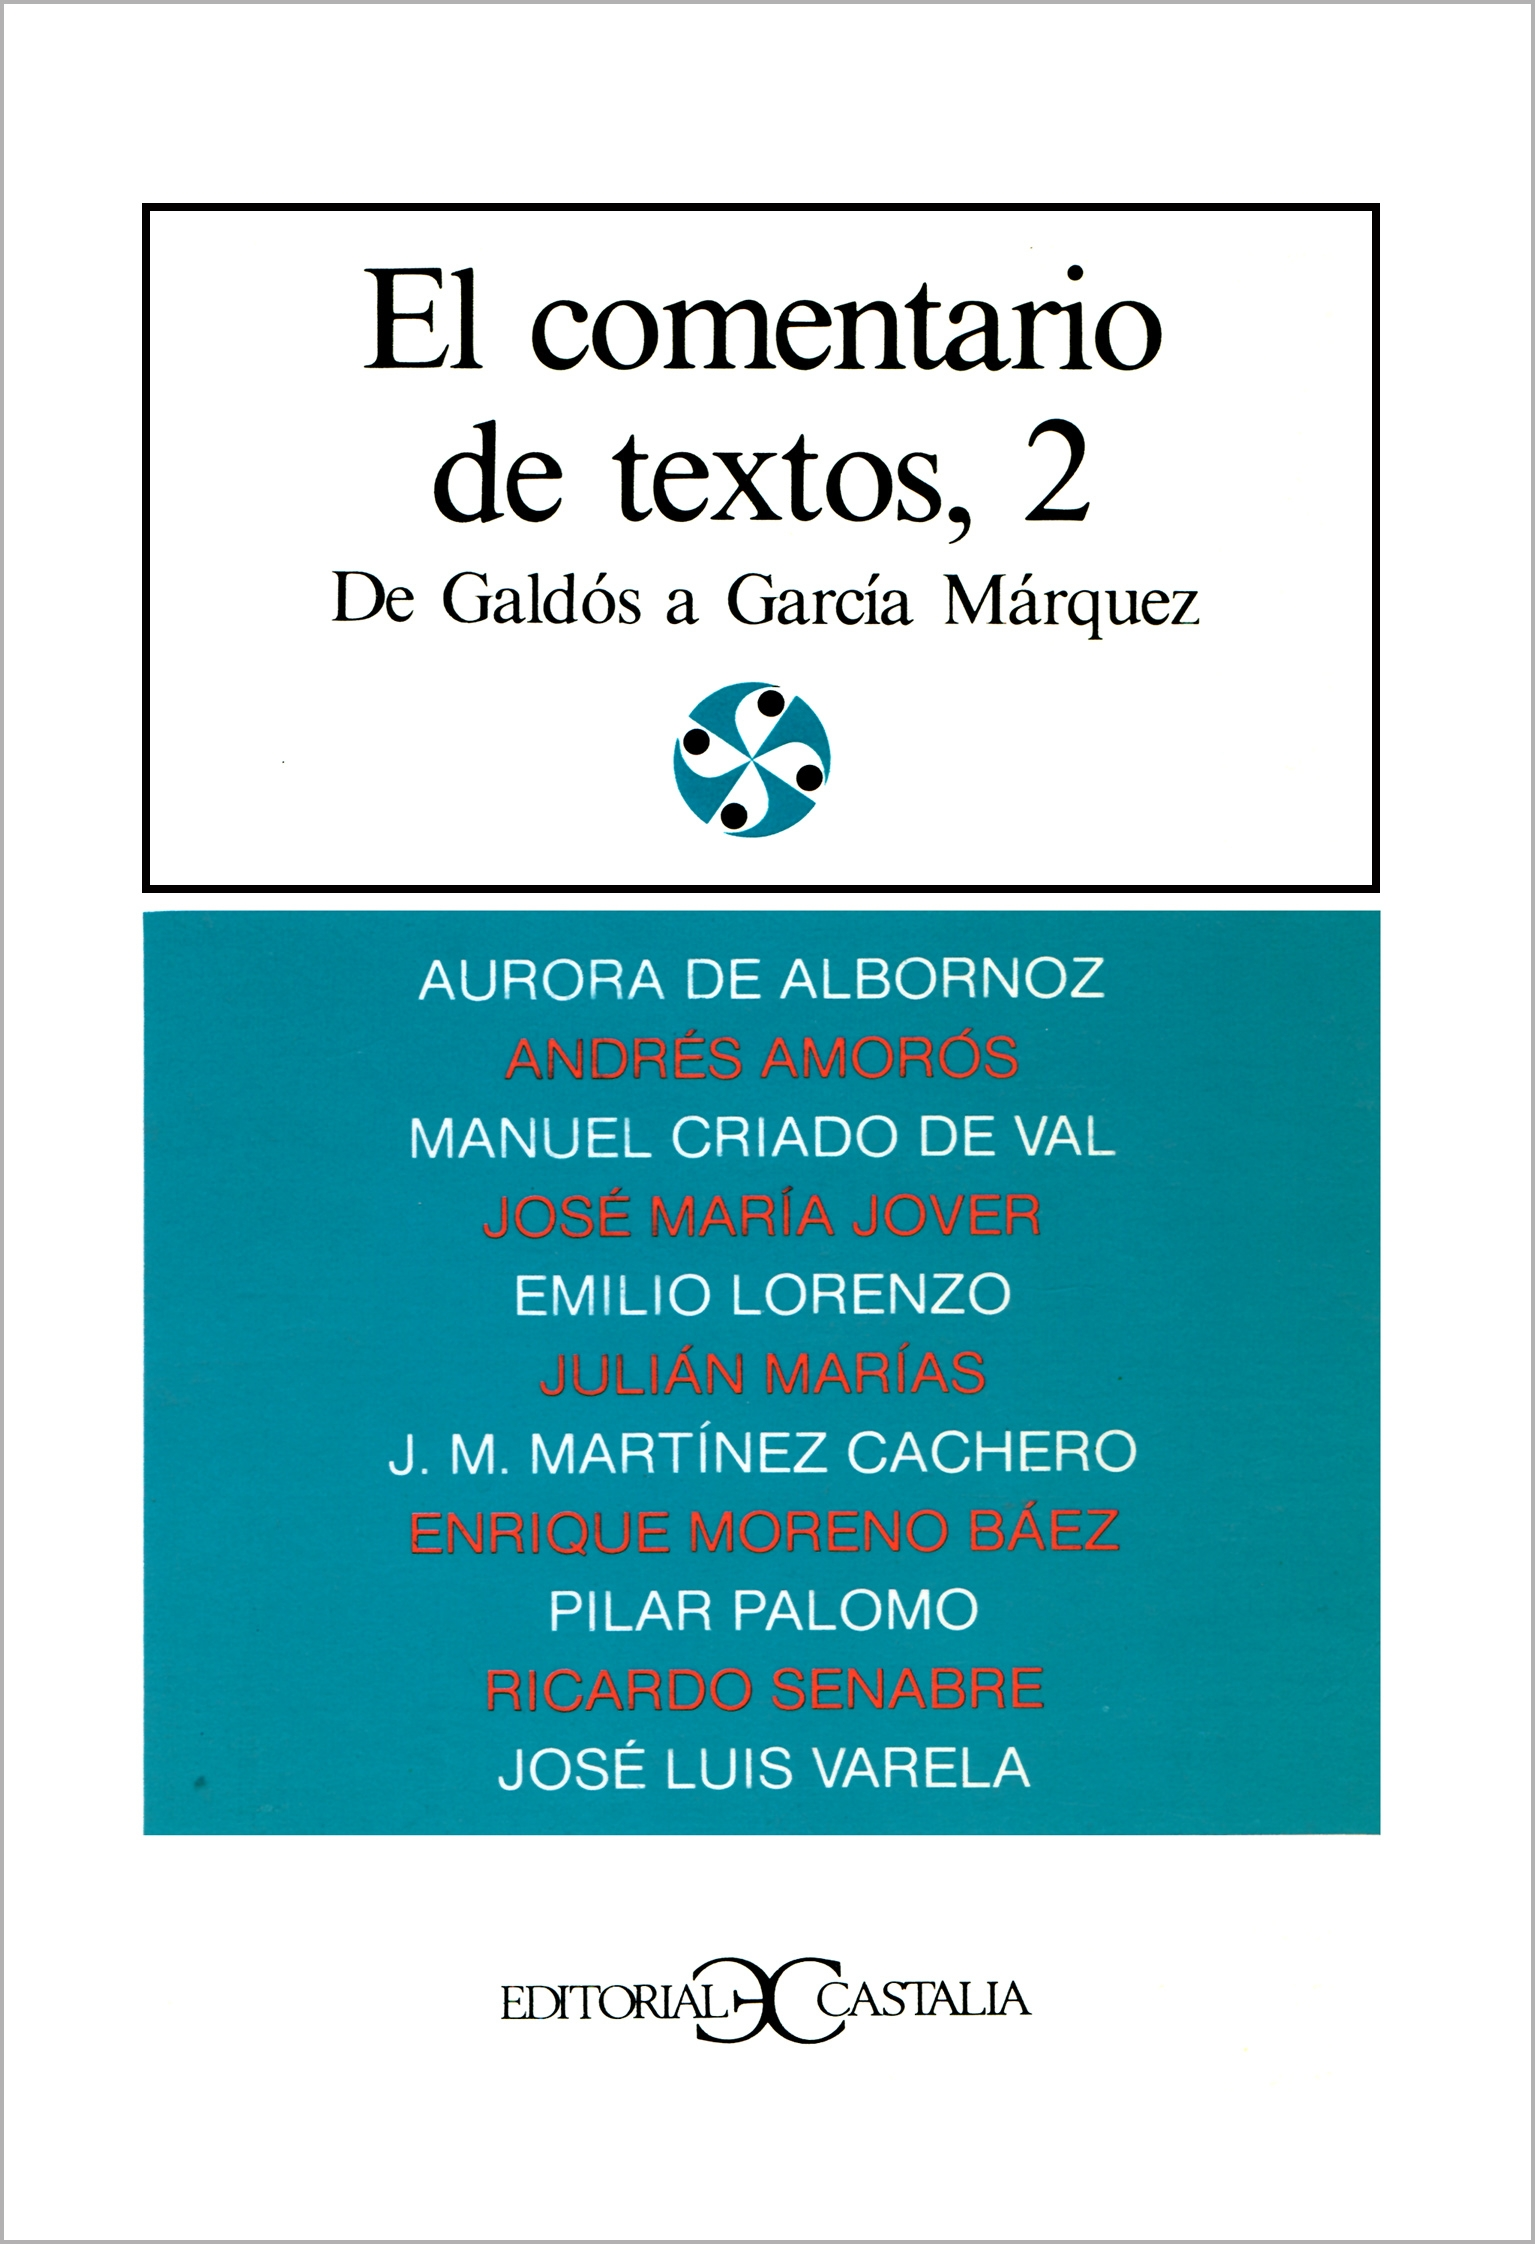 Libros de caballerías castellanos